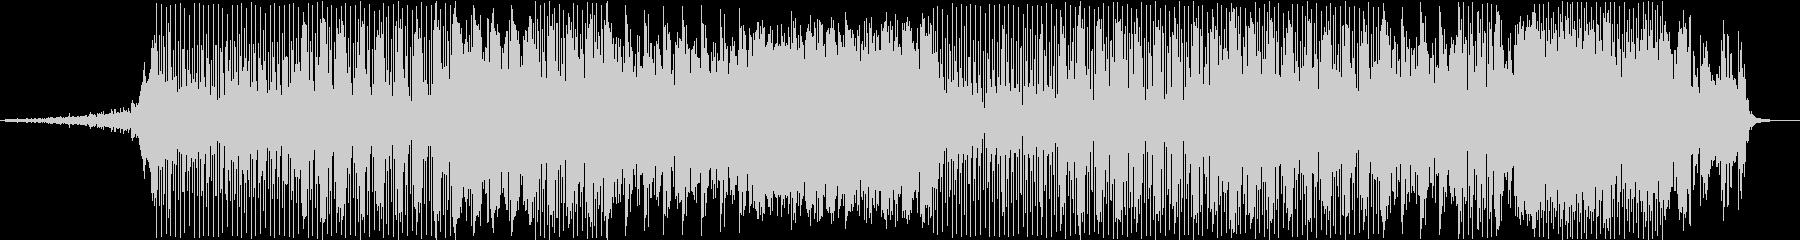 明るくアップテンポなテクノBGMの未再生の波形